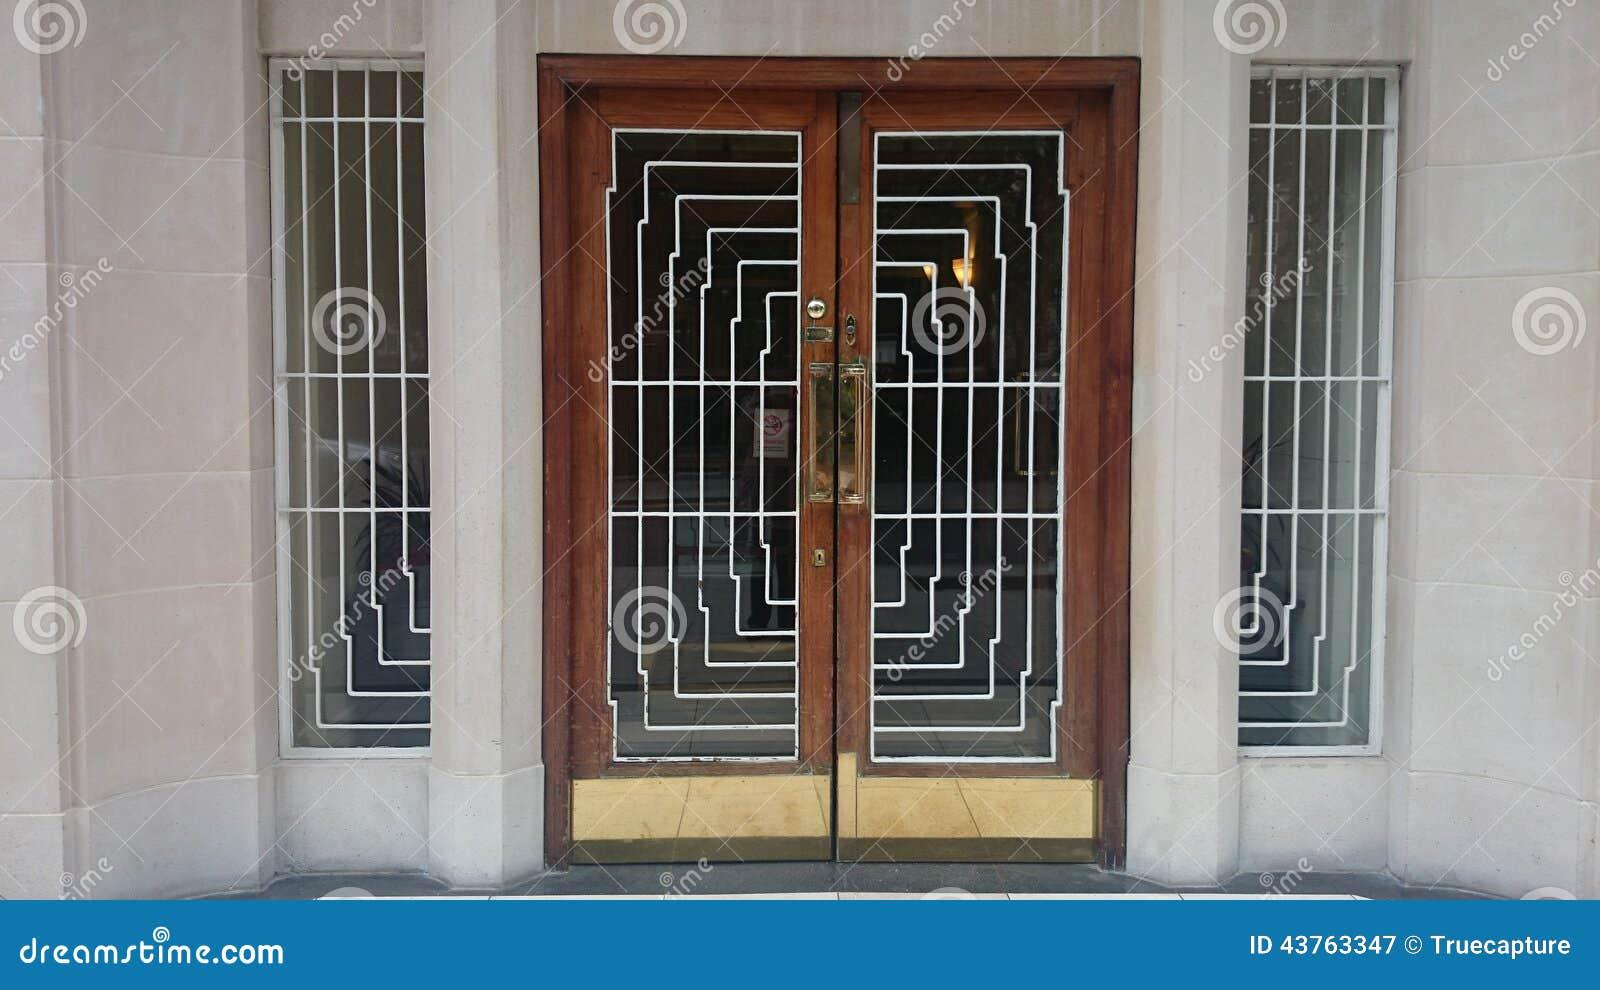 Download Art Deco Door Stock Image. Image Of 1920, Nouveau, Deco   43763347